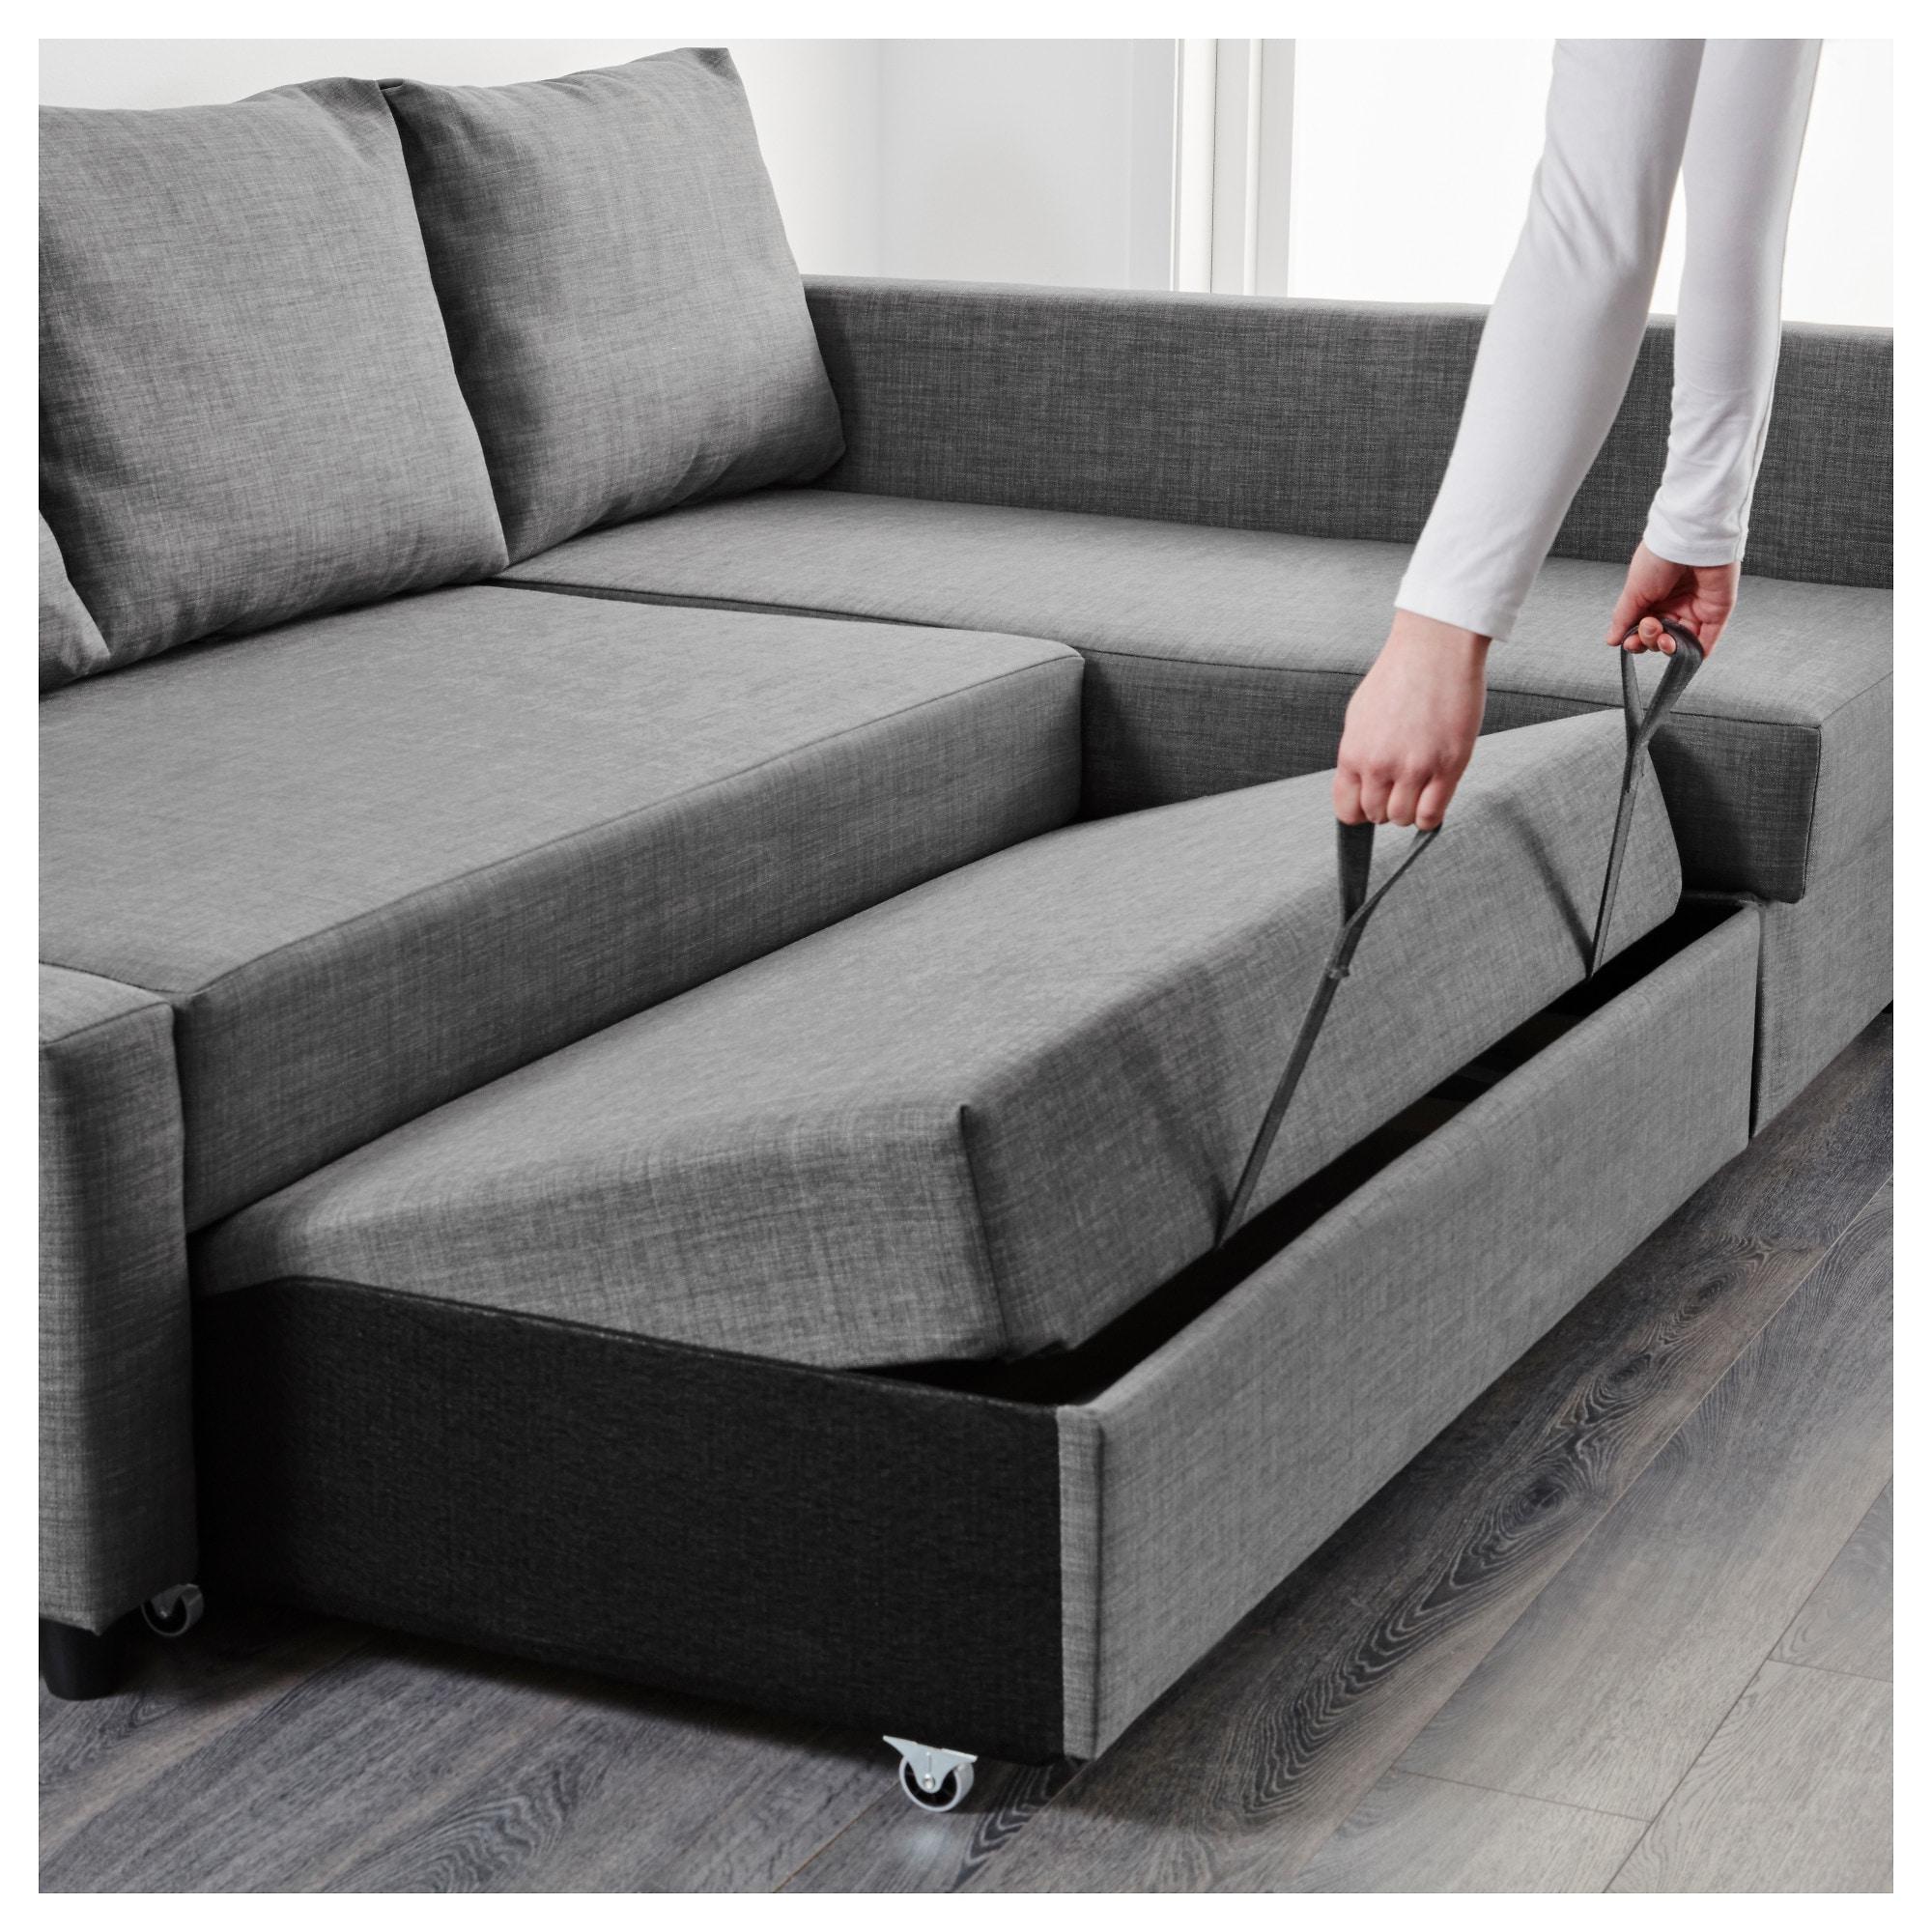 Sofa Ikea Friheten Irdz Friheten Corner sofa Bed with Storage Skiftebo Dark Grey Ikea